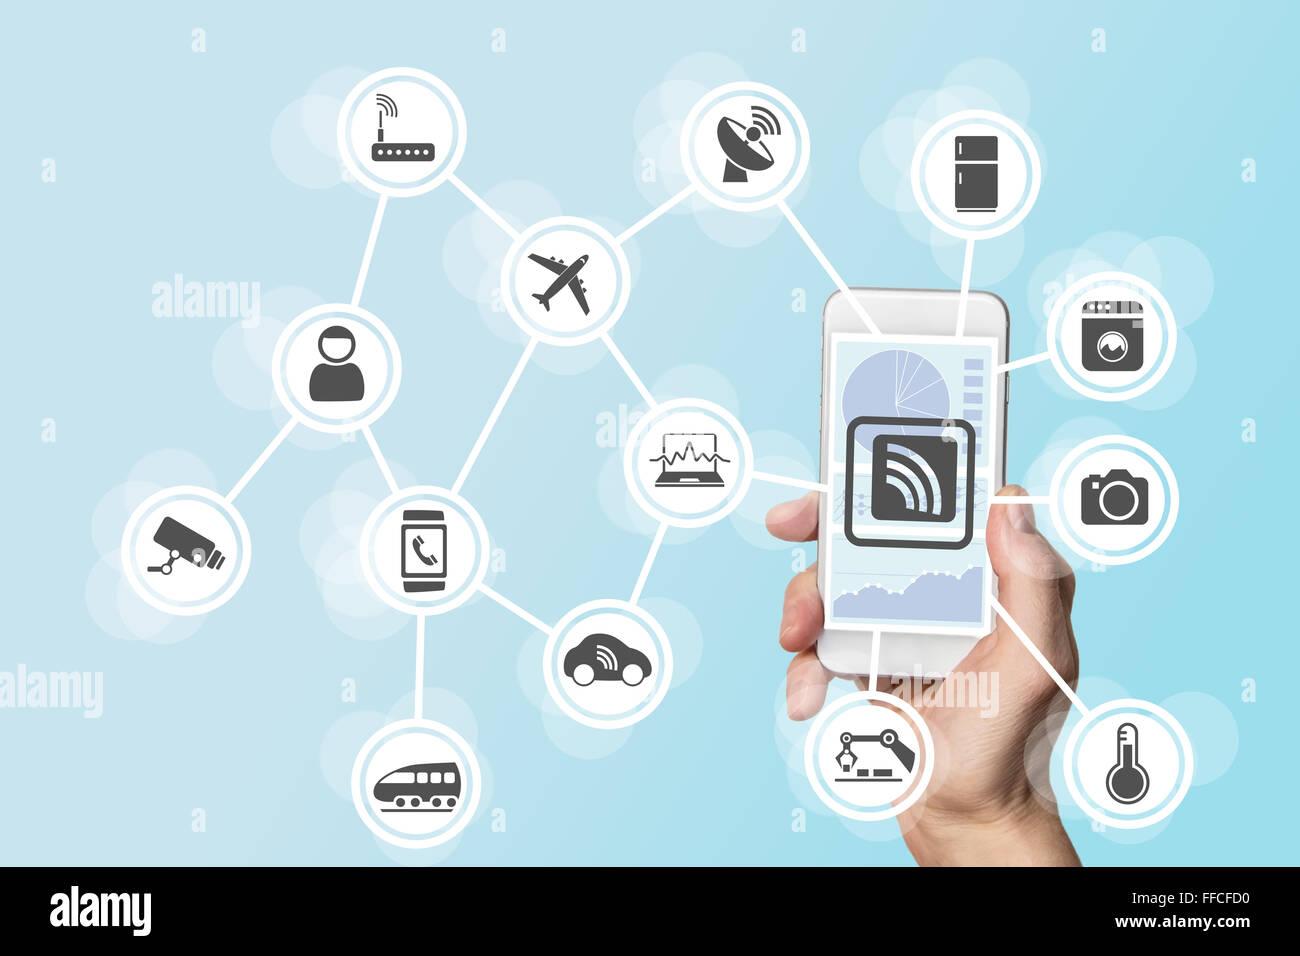 Digitalisierung und Mobilität Konzept illustriert von hand halten moderne Smartphone Stockbild